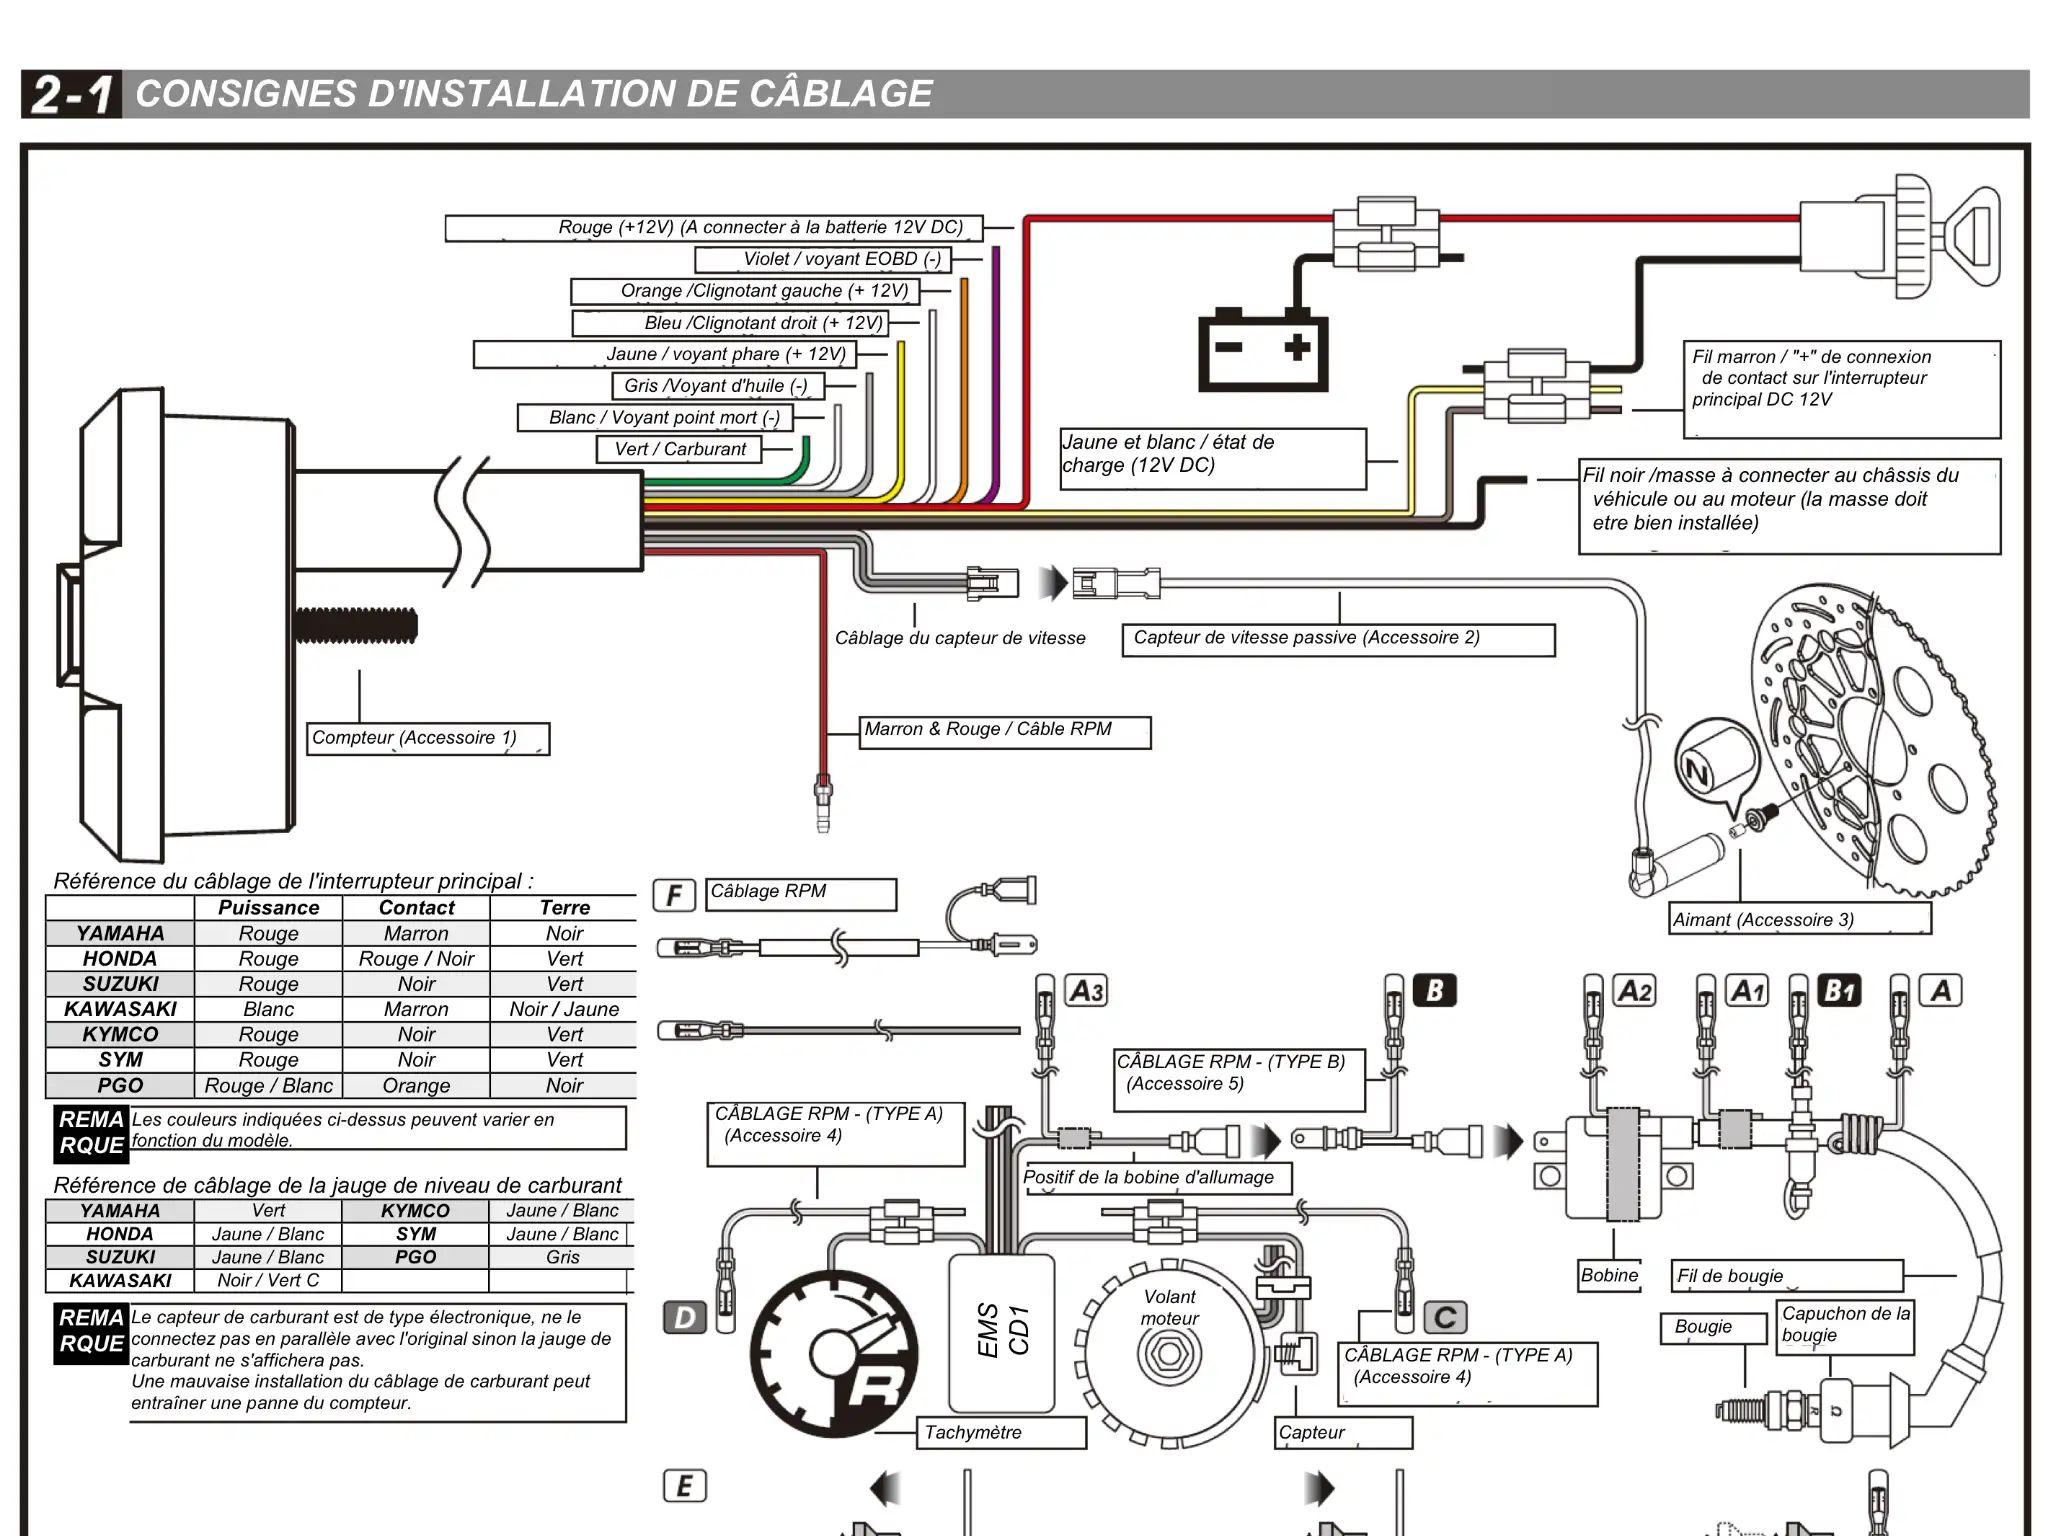 ariel schema cablage compteur de vitesse